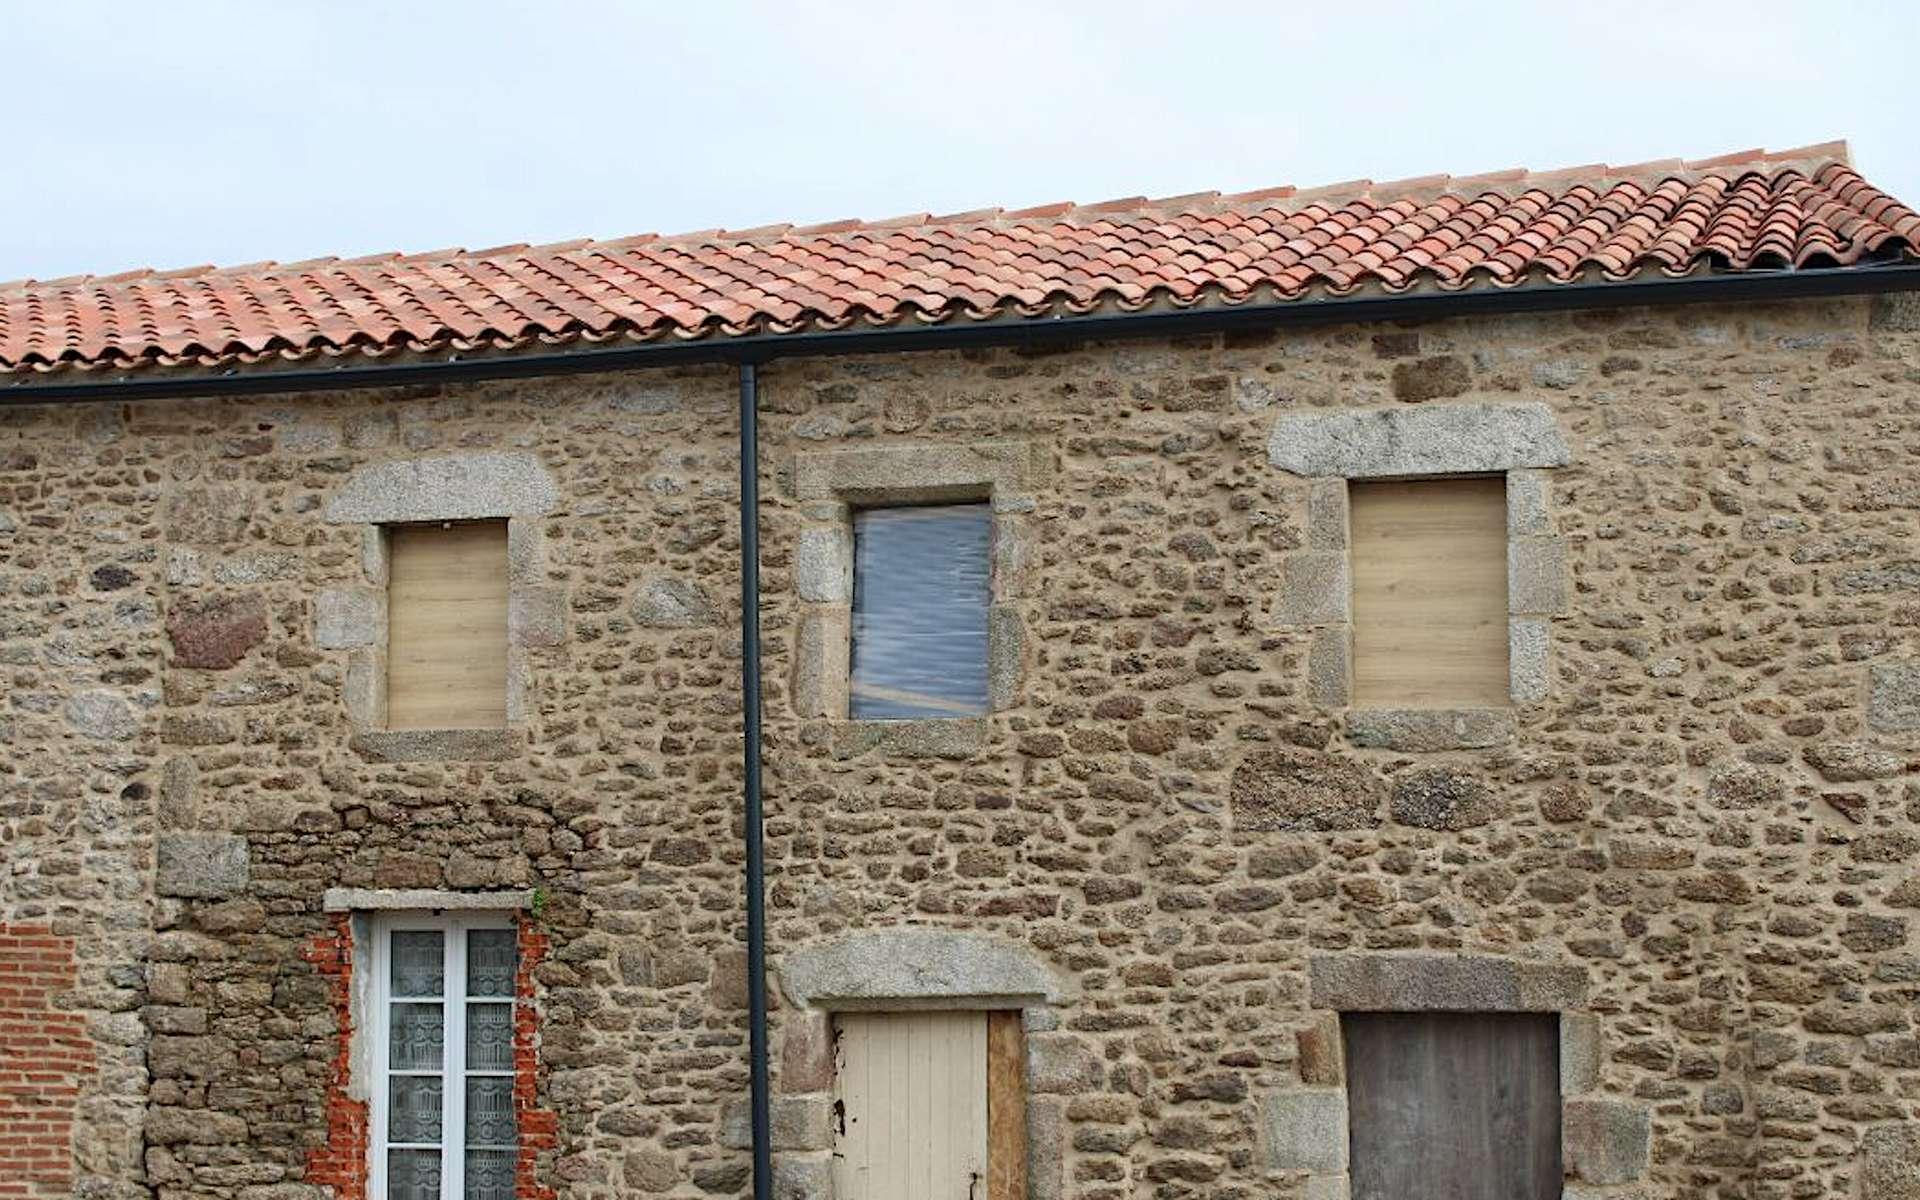 Mur gouttereau en pierre, chantier de rénovation d'une longère d'habitation sise près de la ville des Herbiers, au cœur de la Vendée © Nicoll